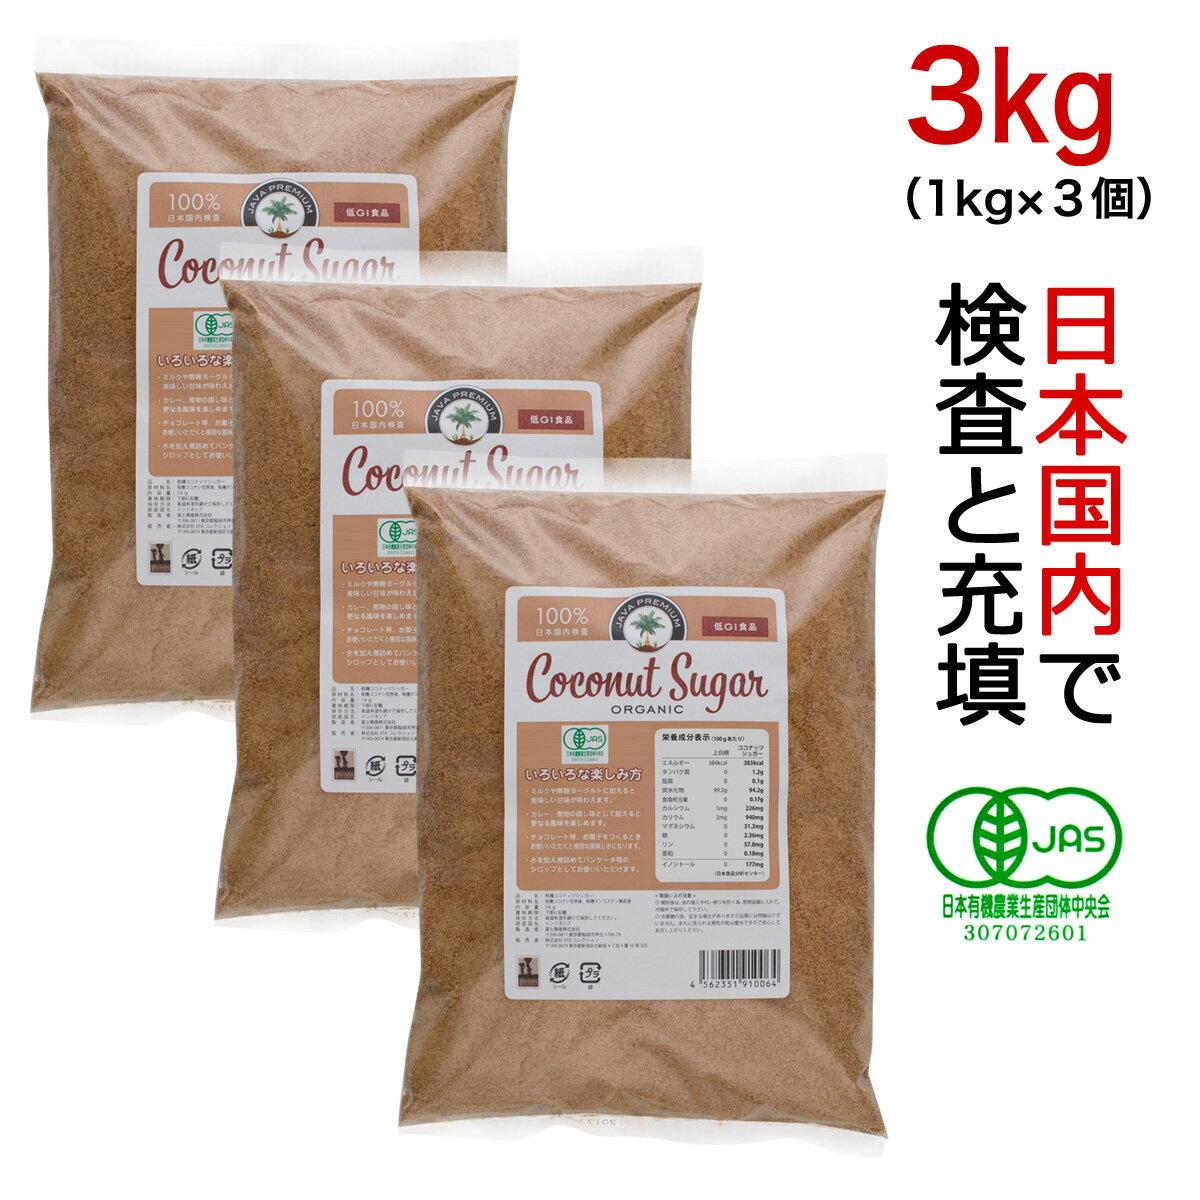 JITA 有機 ココナッツシュガー 低GI食品 1kg×3個(3kg)